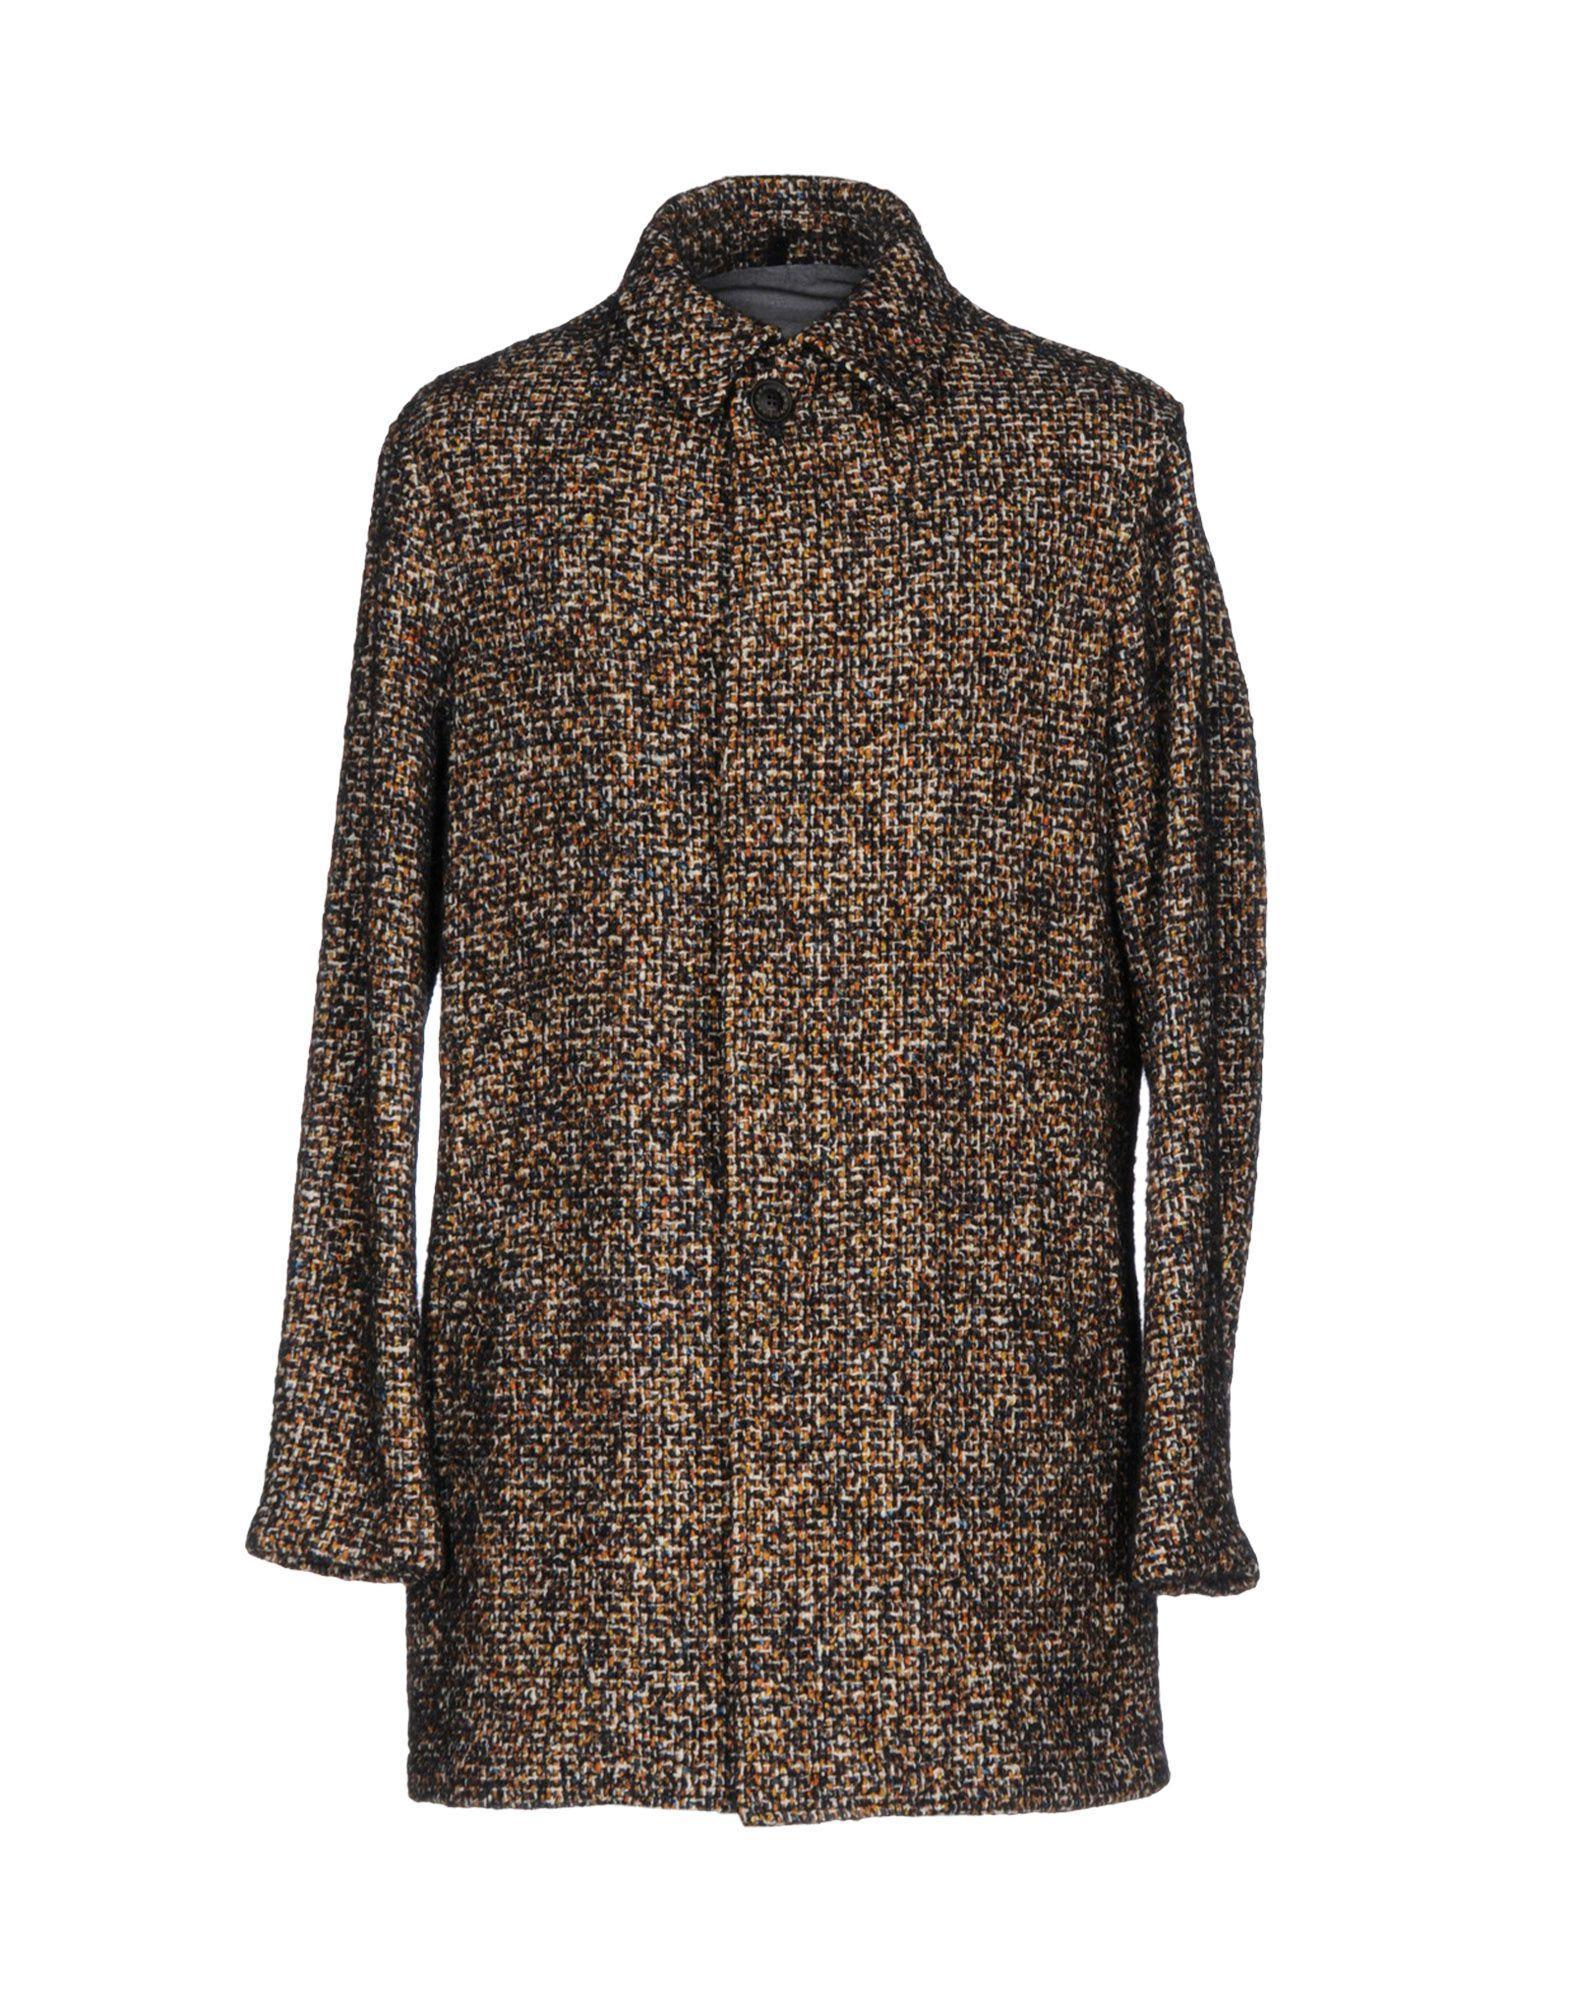 T-jacket Coat In Brown